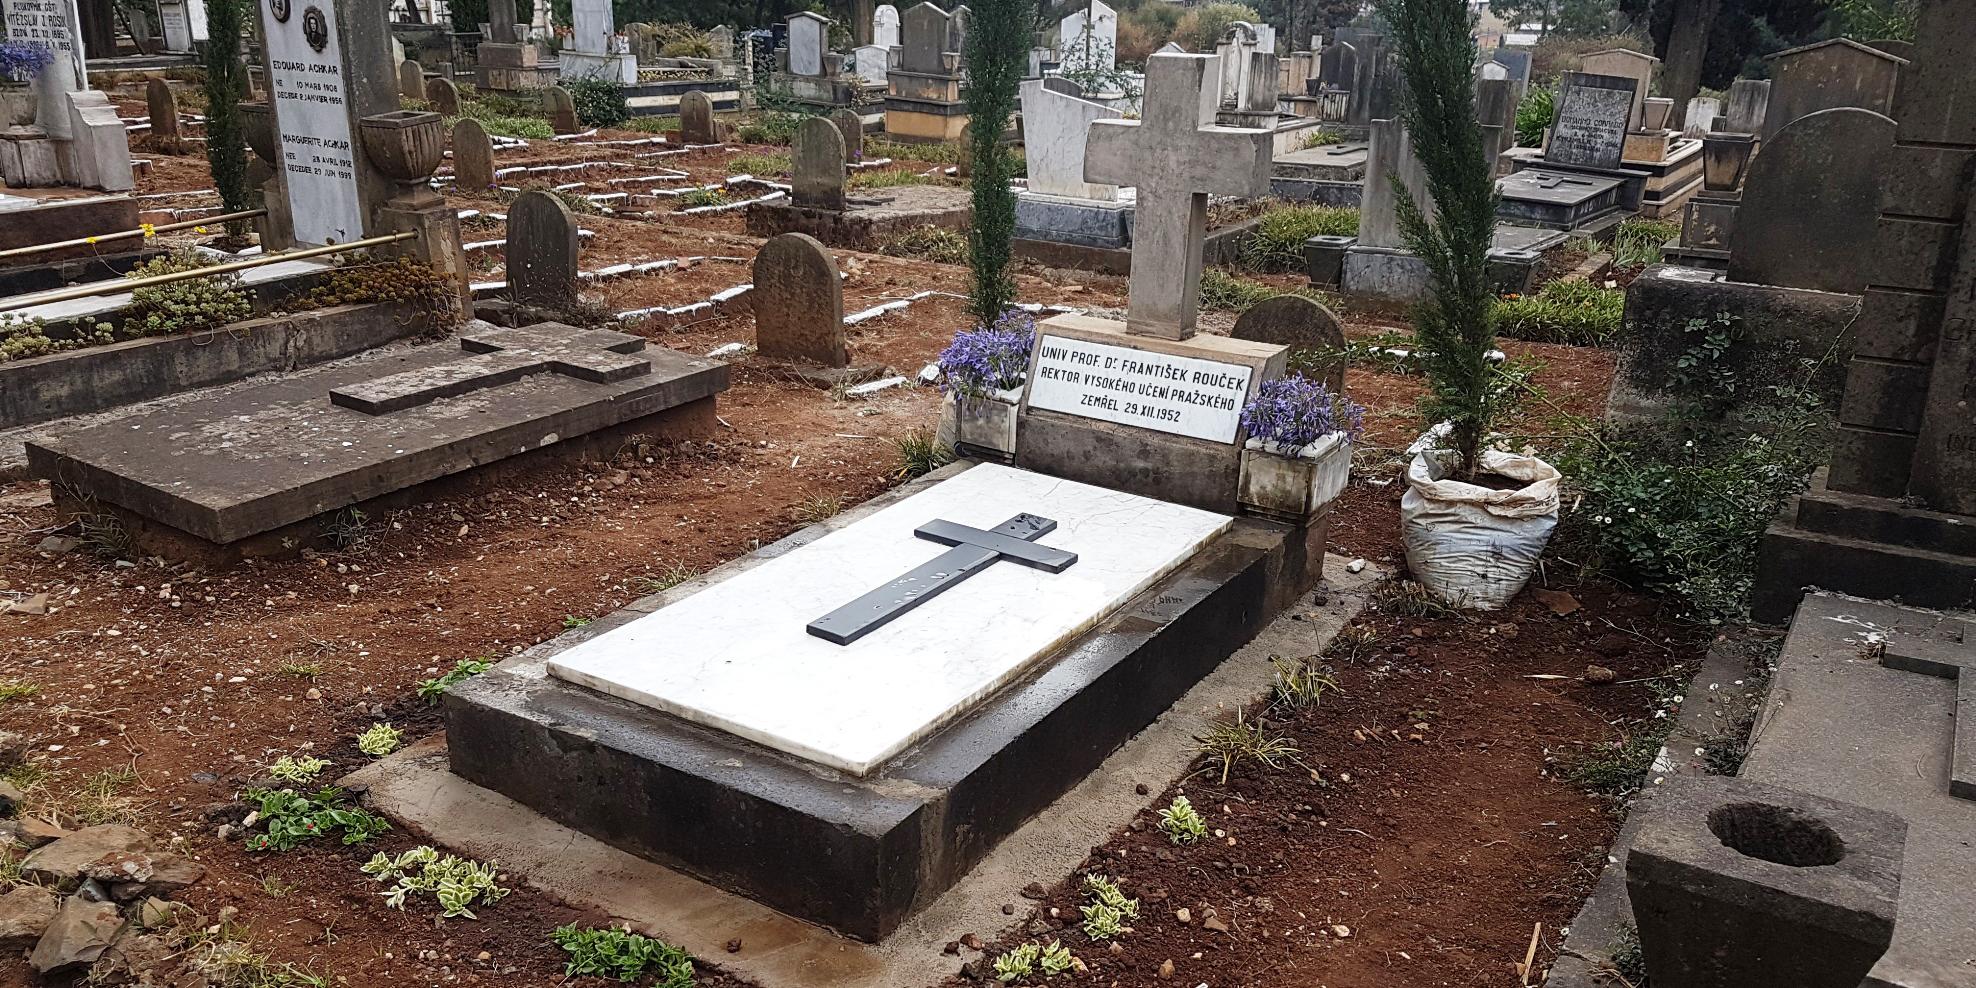 Foto: V Etiopii opravili hrob děkana právnické fakulty. Zemřel na lovecké výpravě